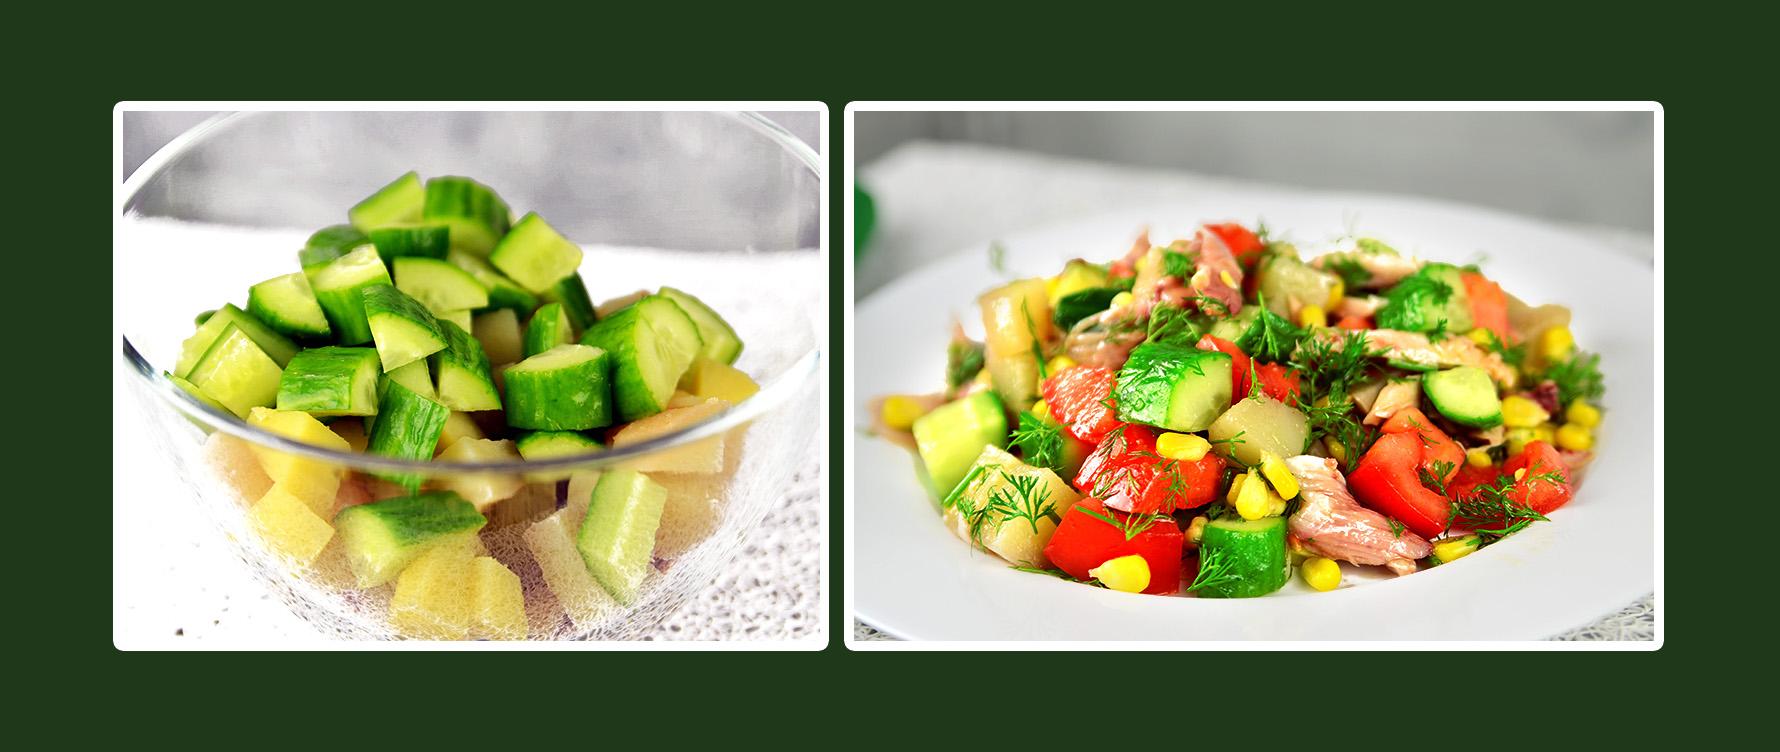 Gemüsesalat mit Hähnchenbrustfilet und Gurken